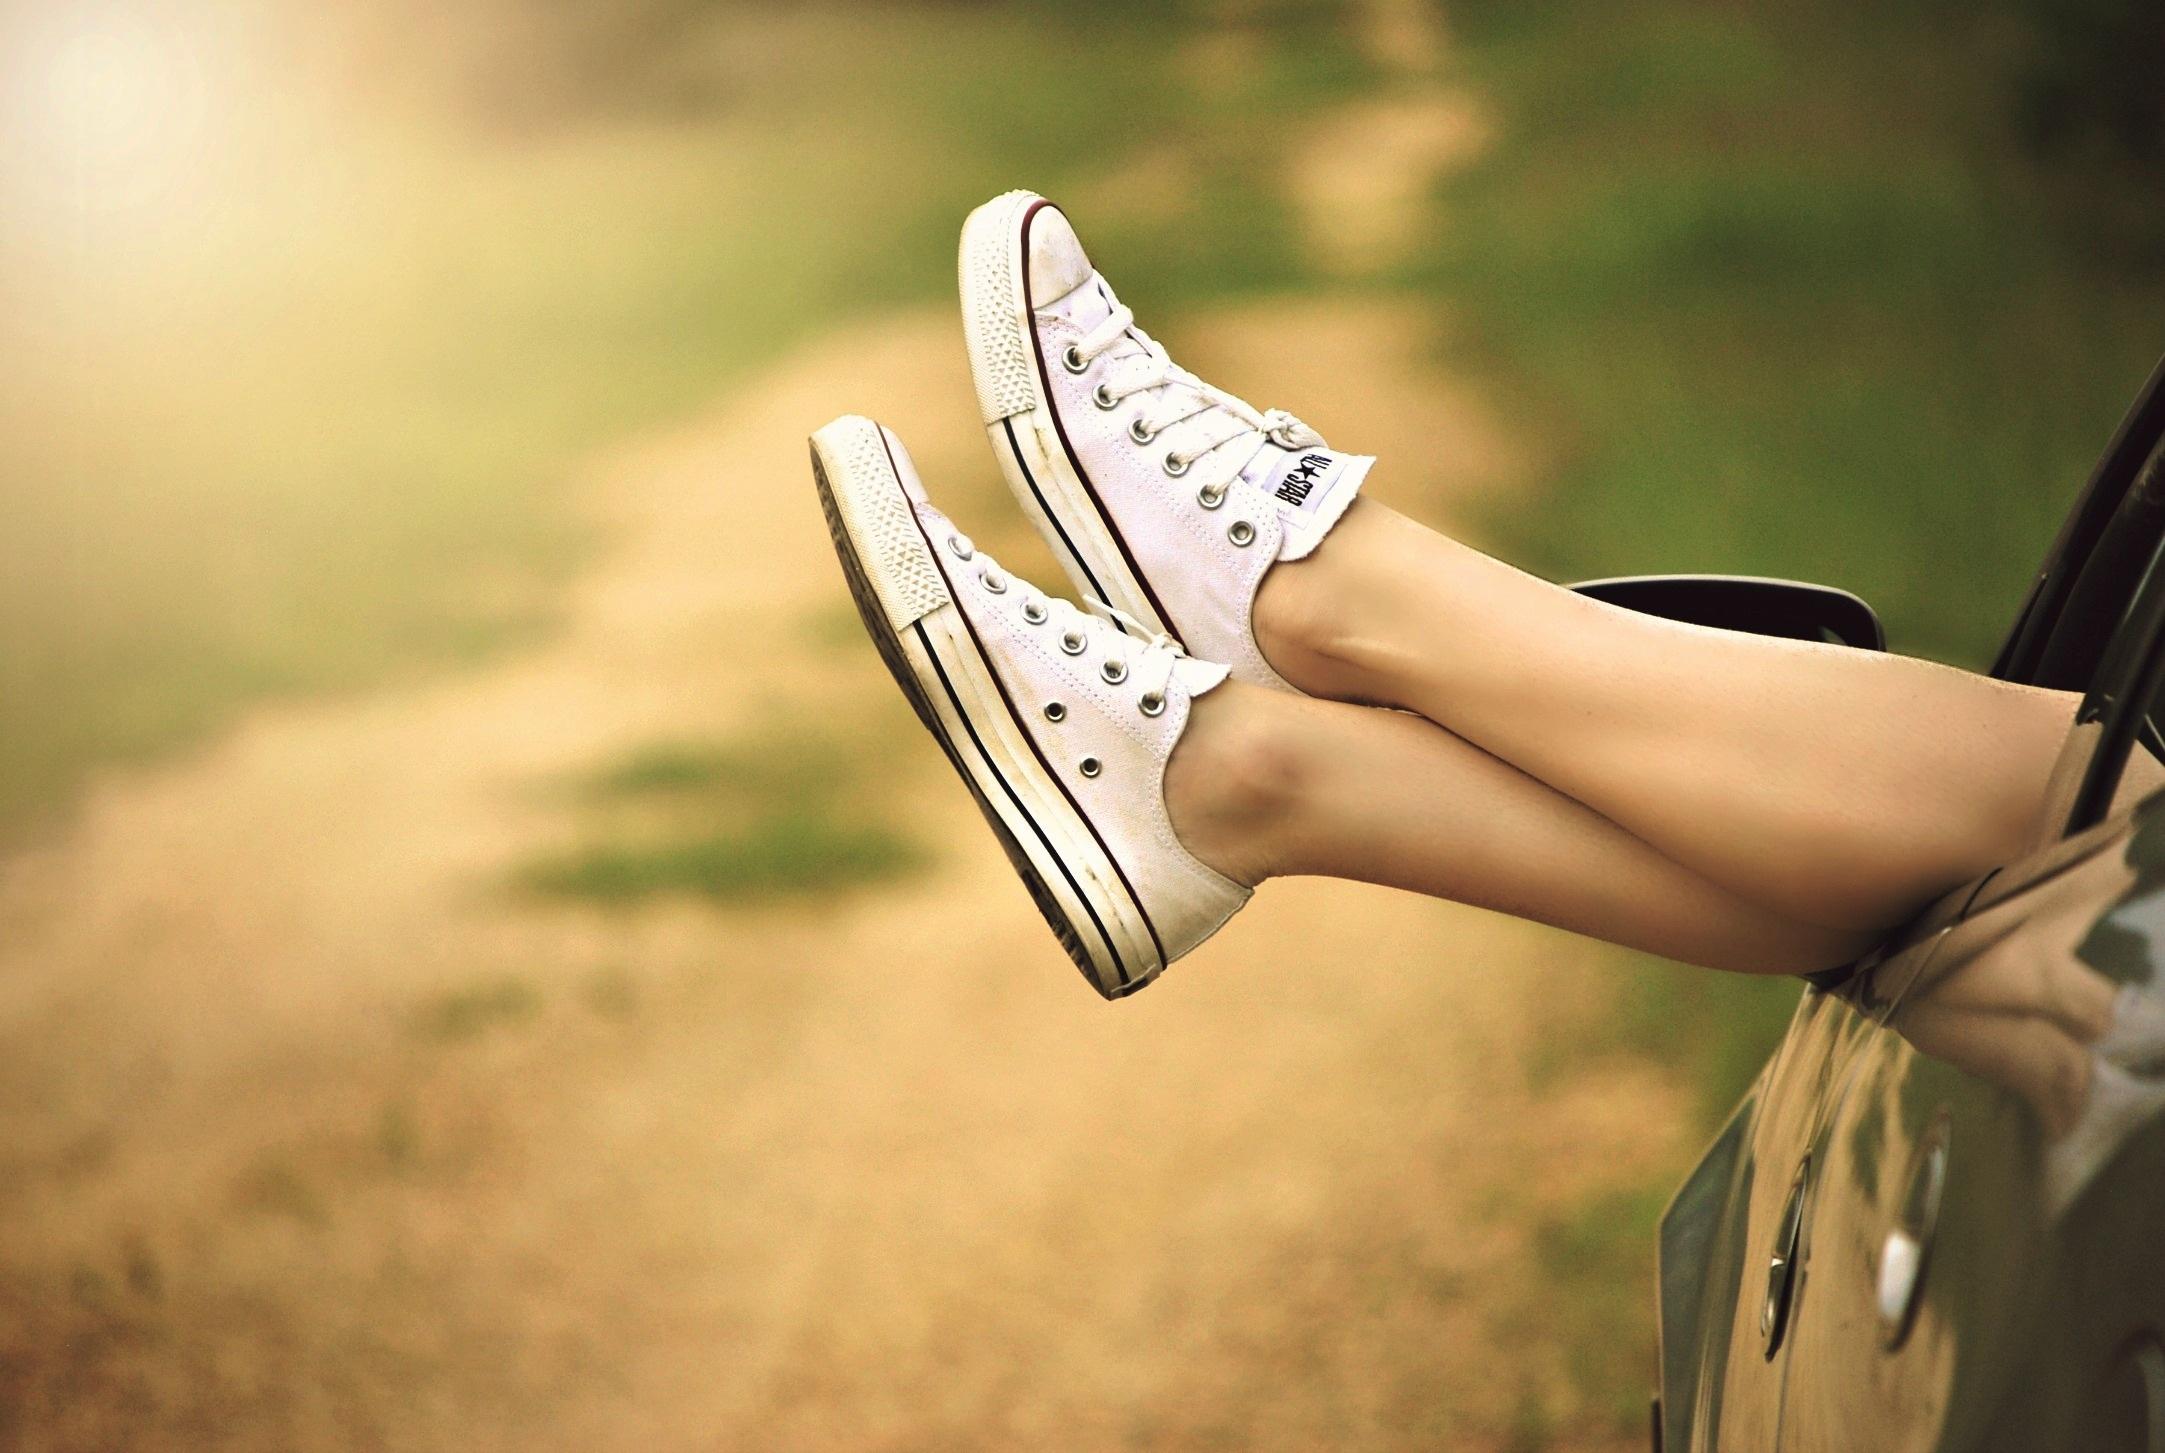 relax je jeden z pilířů jak zhubnout